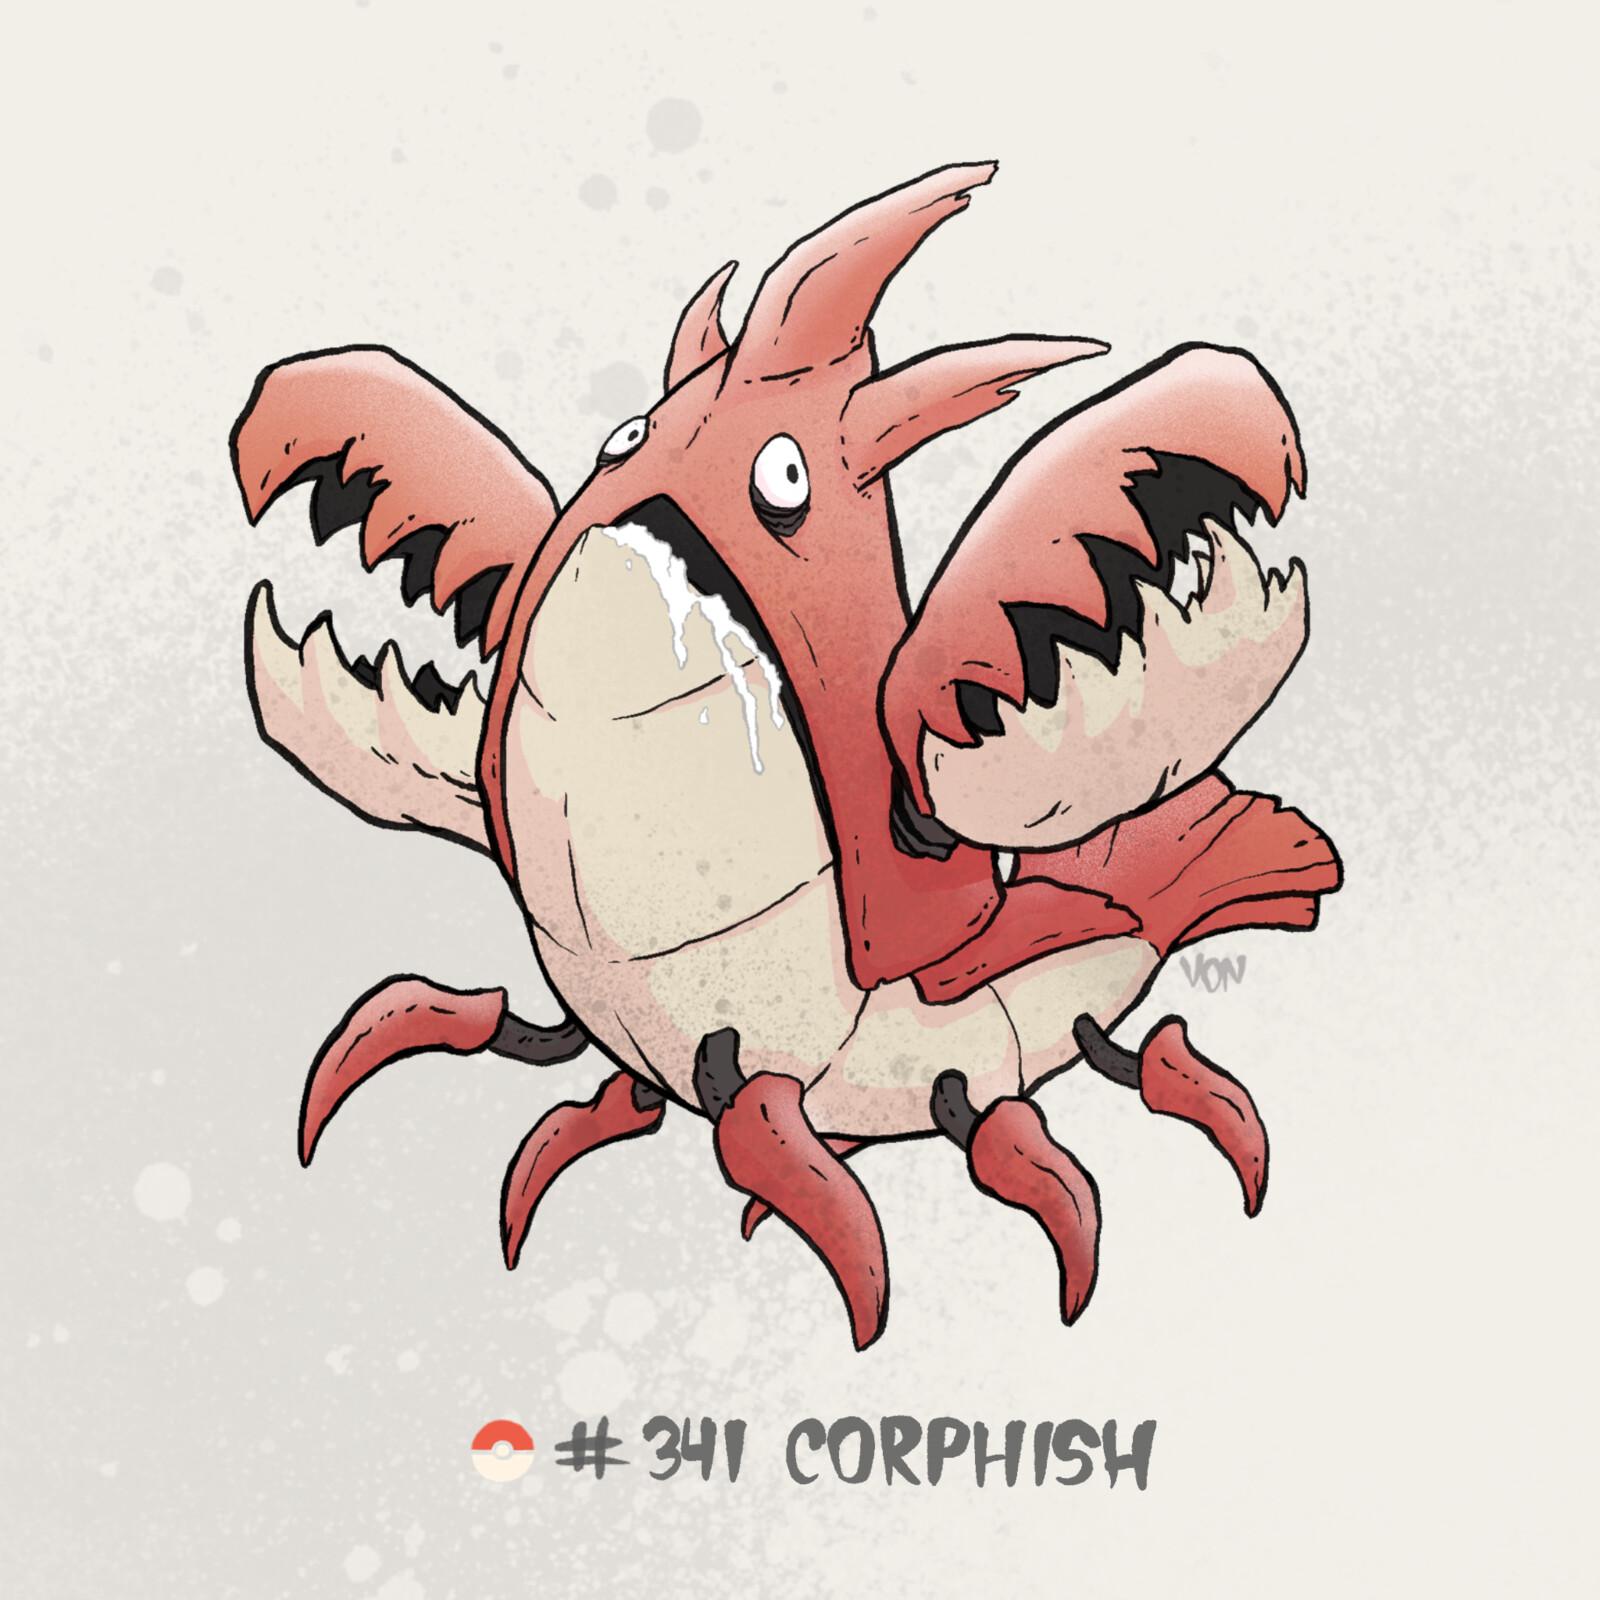 #341 Corphish